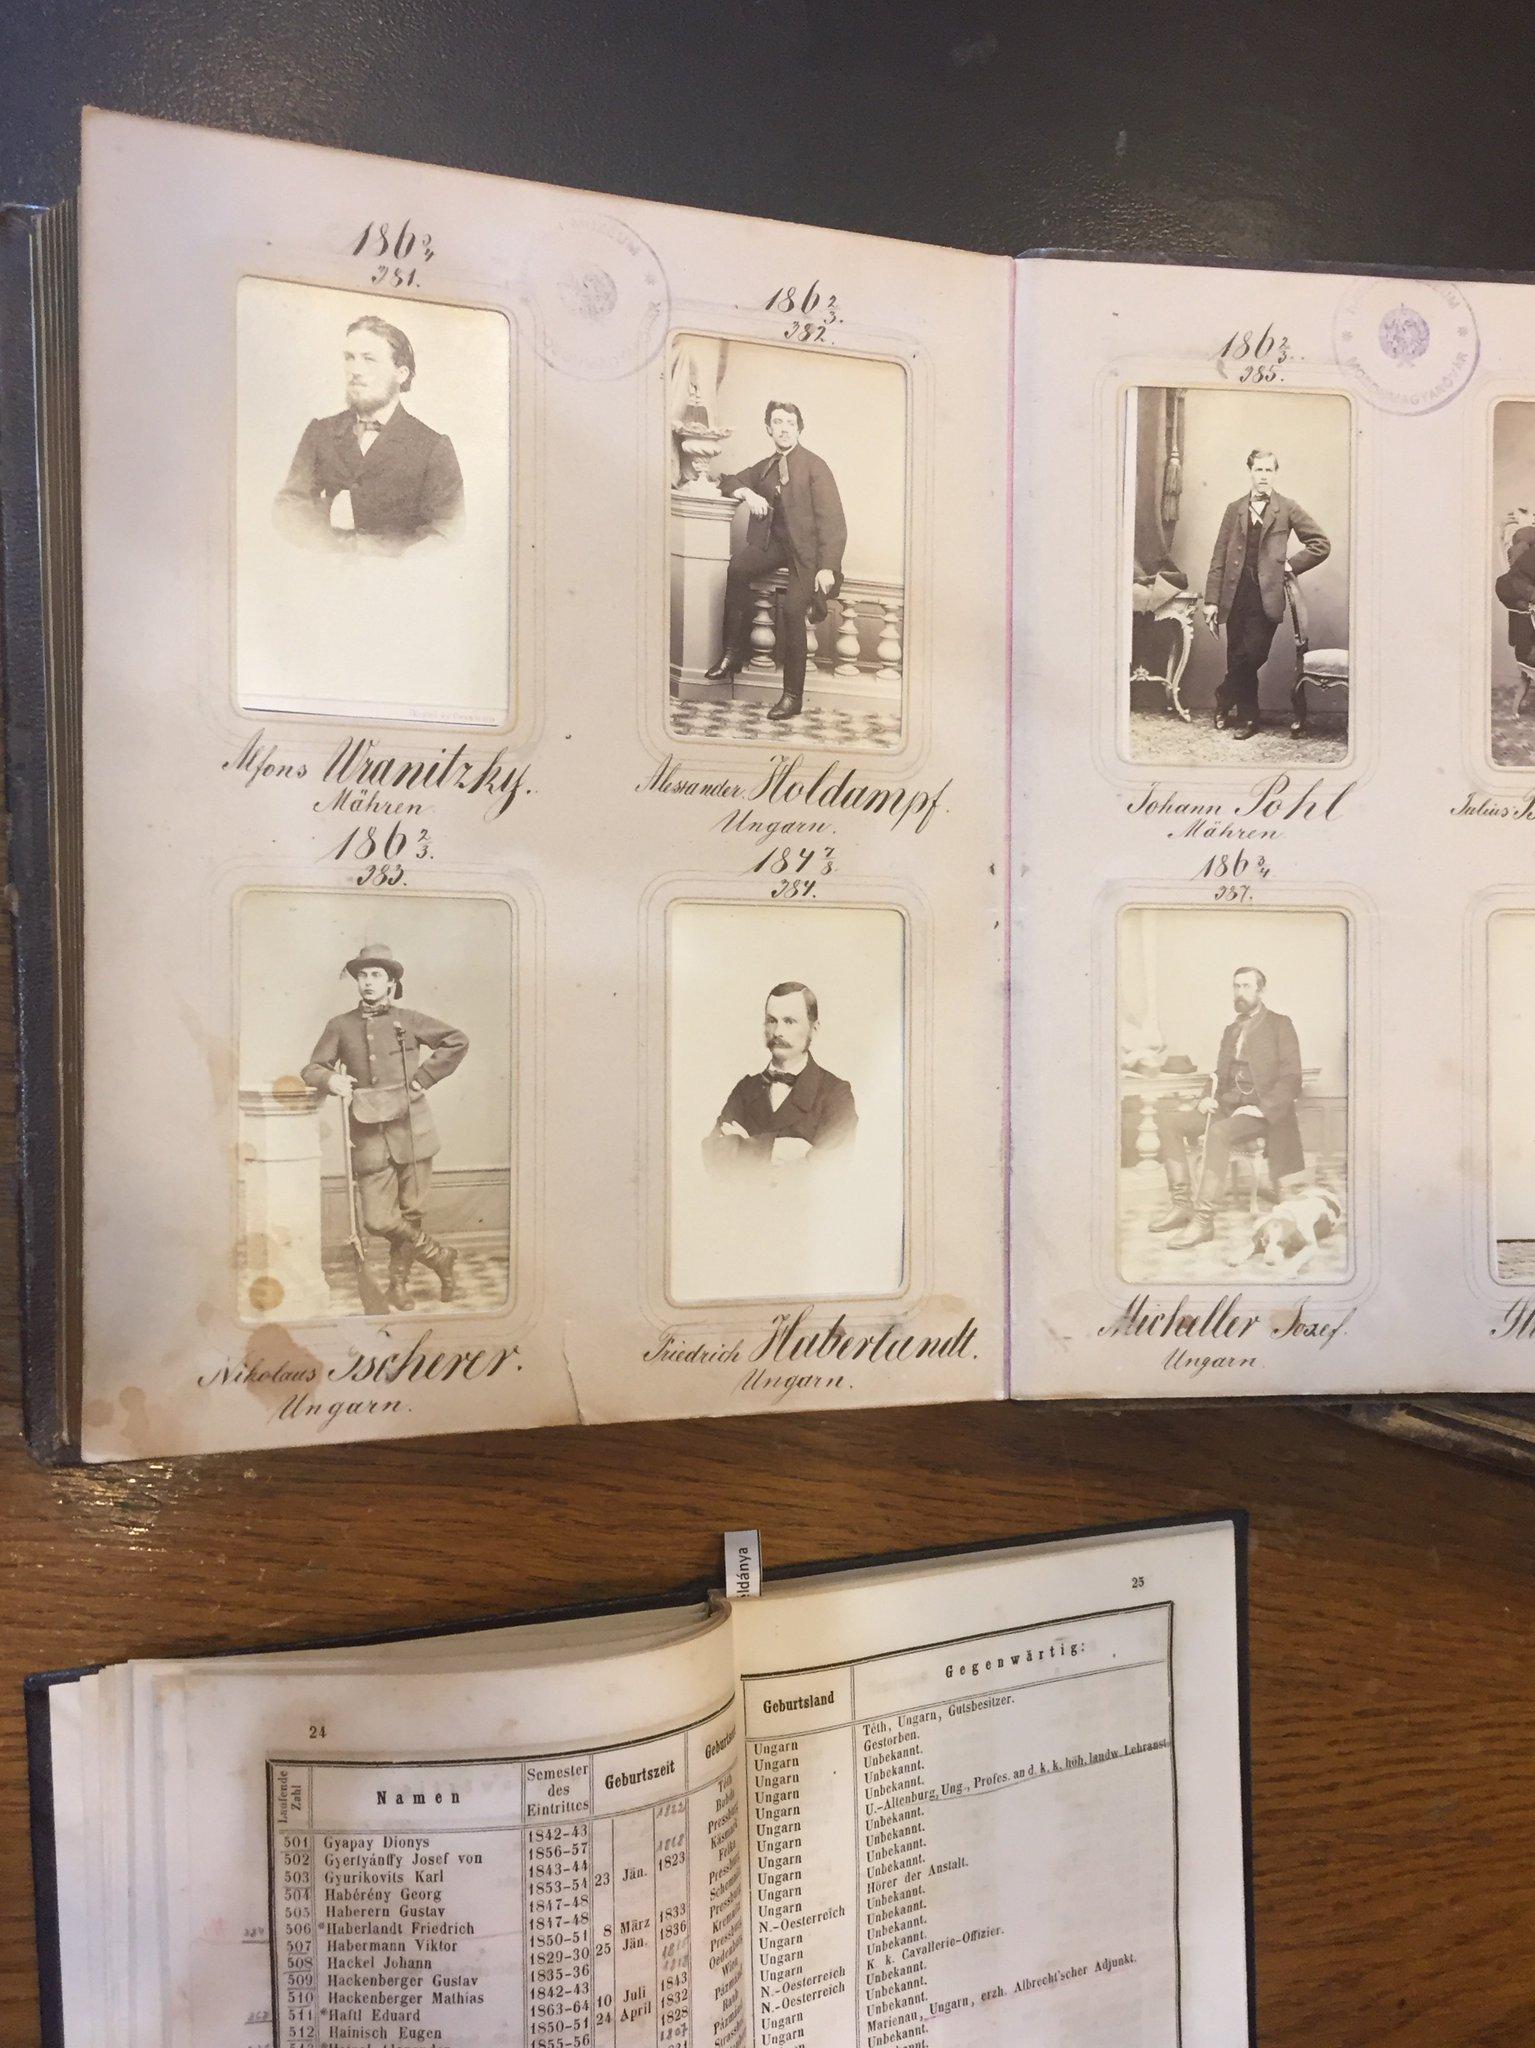 Das Foto zeigt Archivmaterialien auf einem Tisch: historische Fotografien von Professoren der landwirtschaftlichen Lehranstalt in einem Album, darunter auch Friedrich Haberlandt.